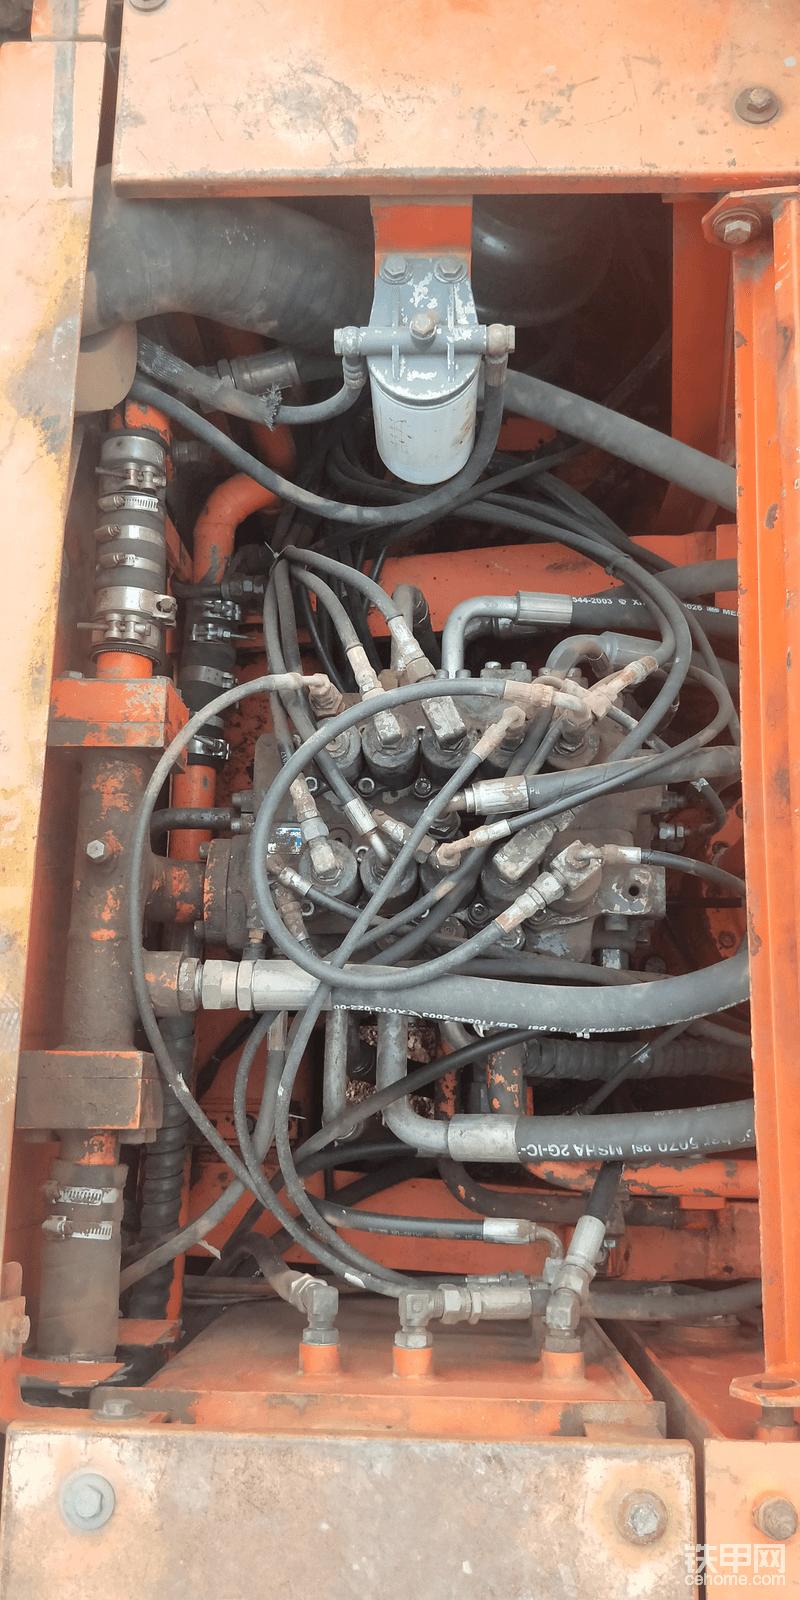 分配阀换过油封,这么多年了正常